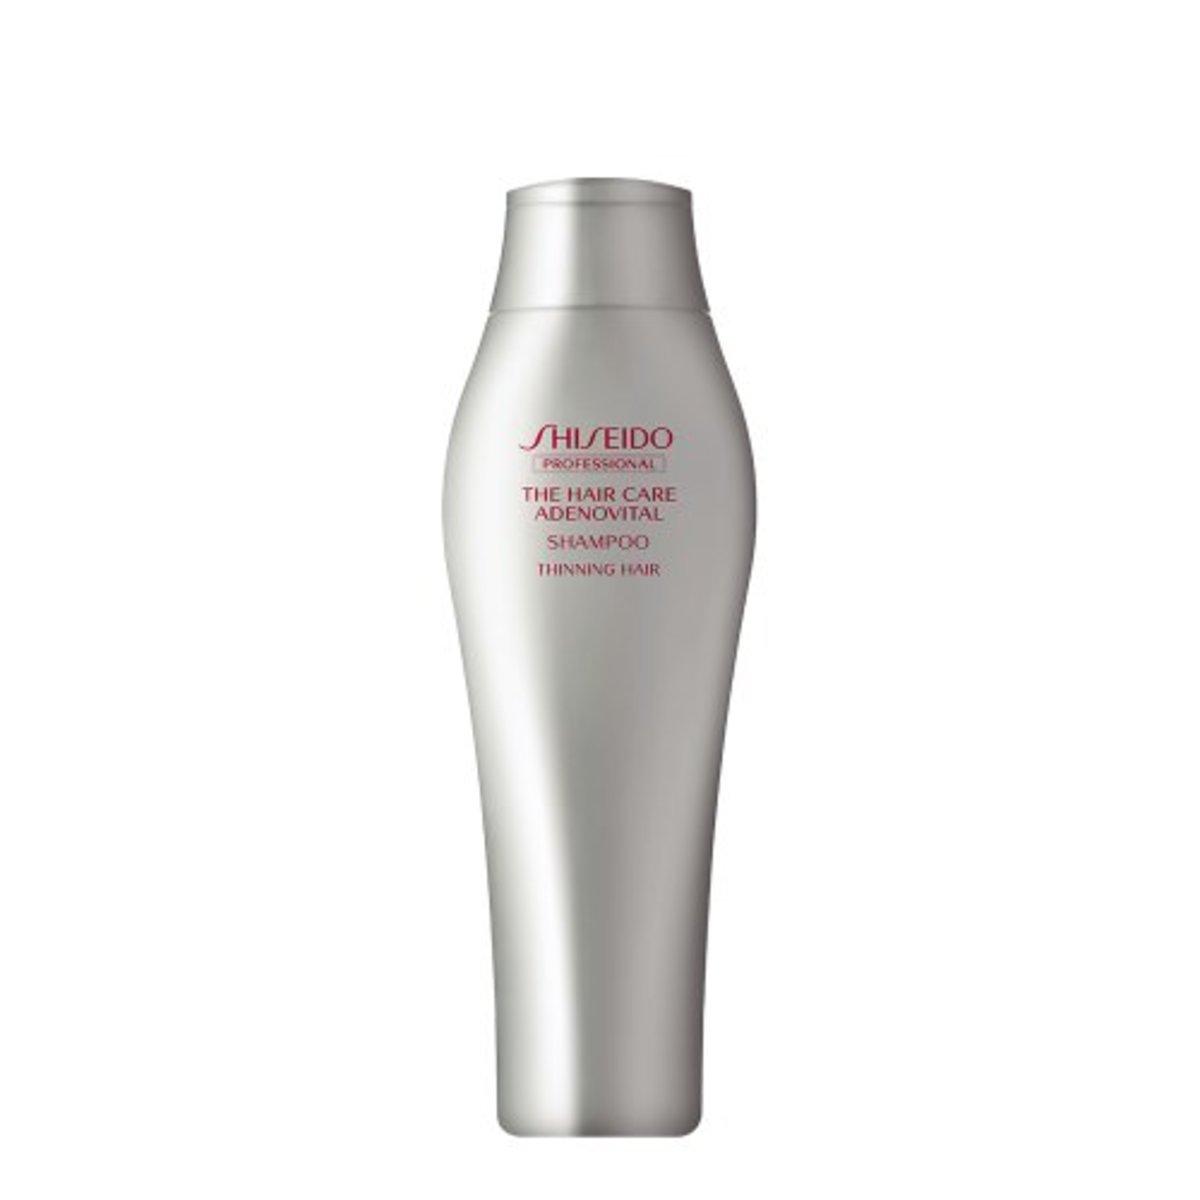 資生堂專業線育髮防脫洗髮水